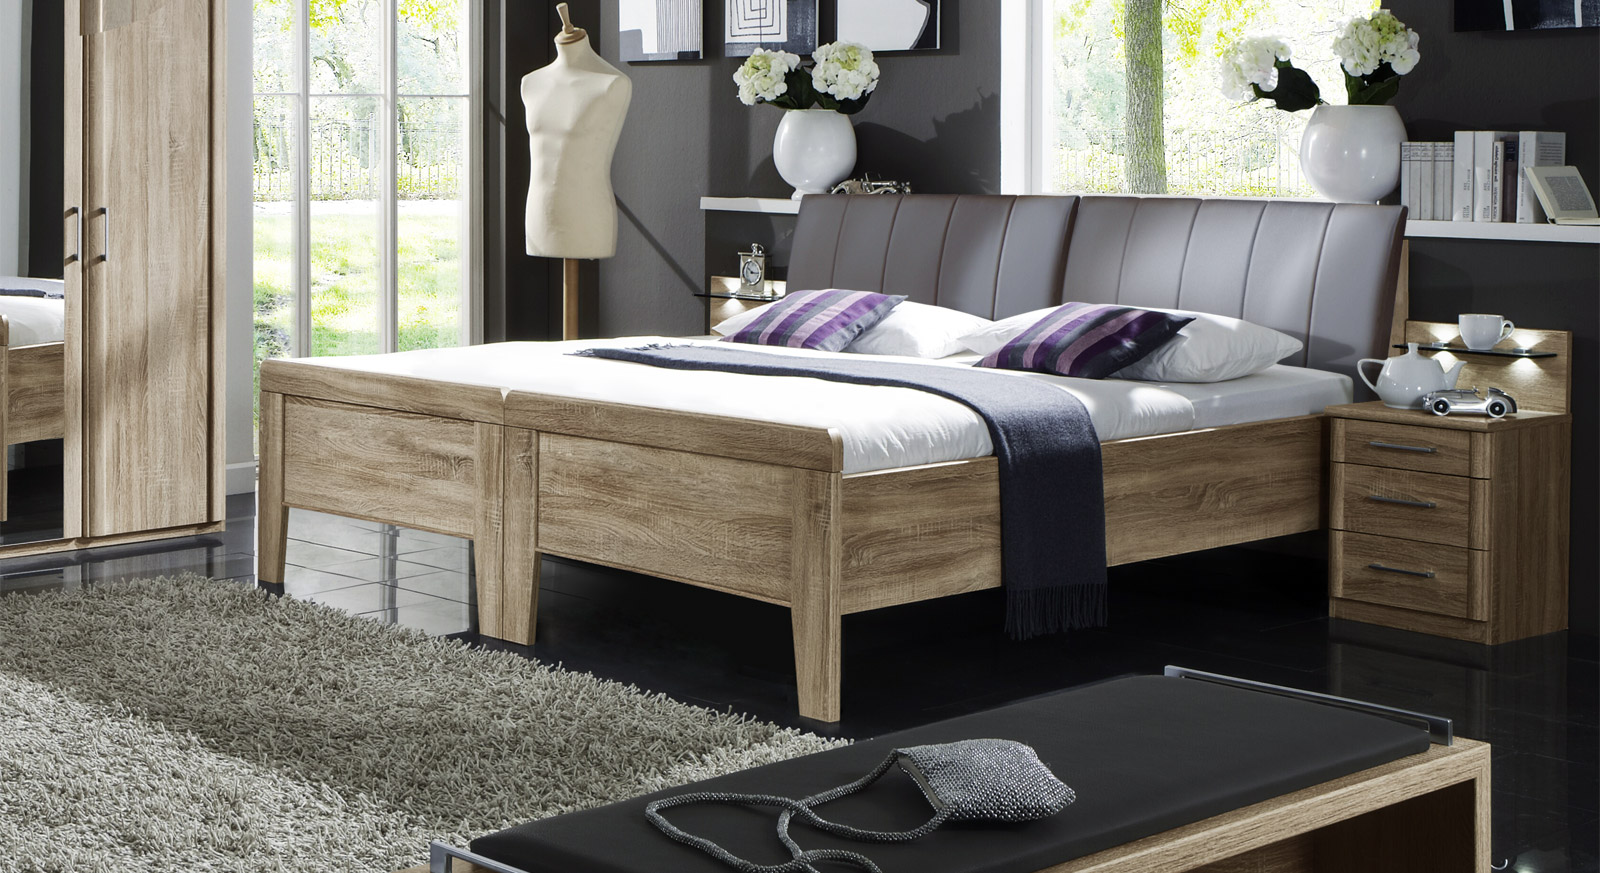 aus zwei betten ein bett machen verbindungsbeschlag runcorn. Black Bedroom Furniture Sets. Home Design Ideas